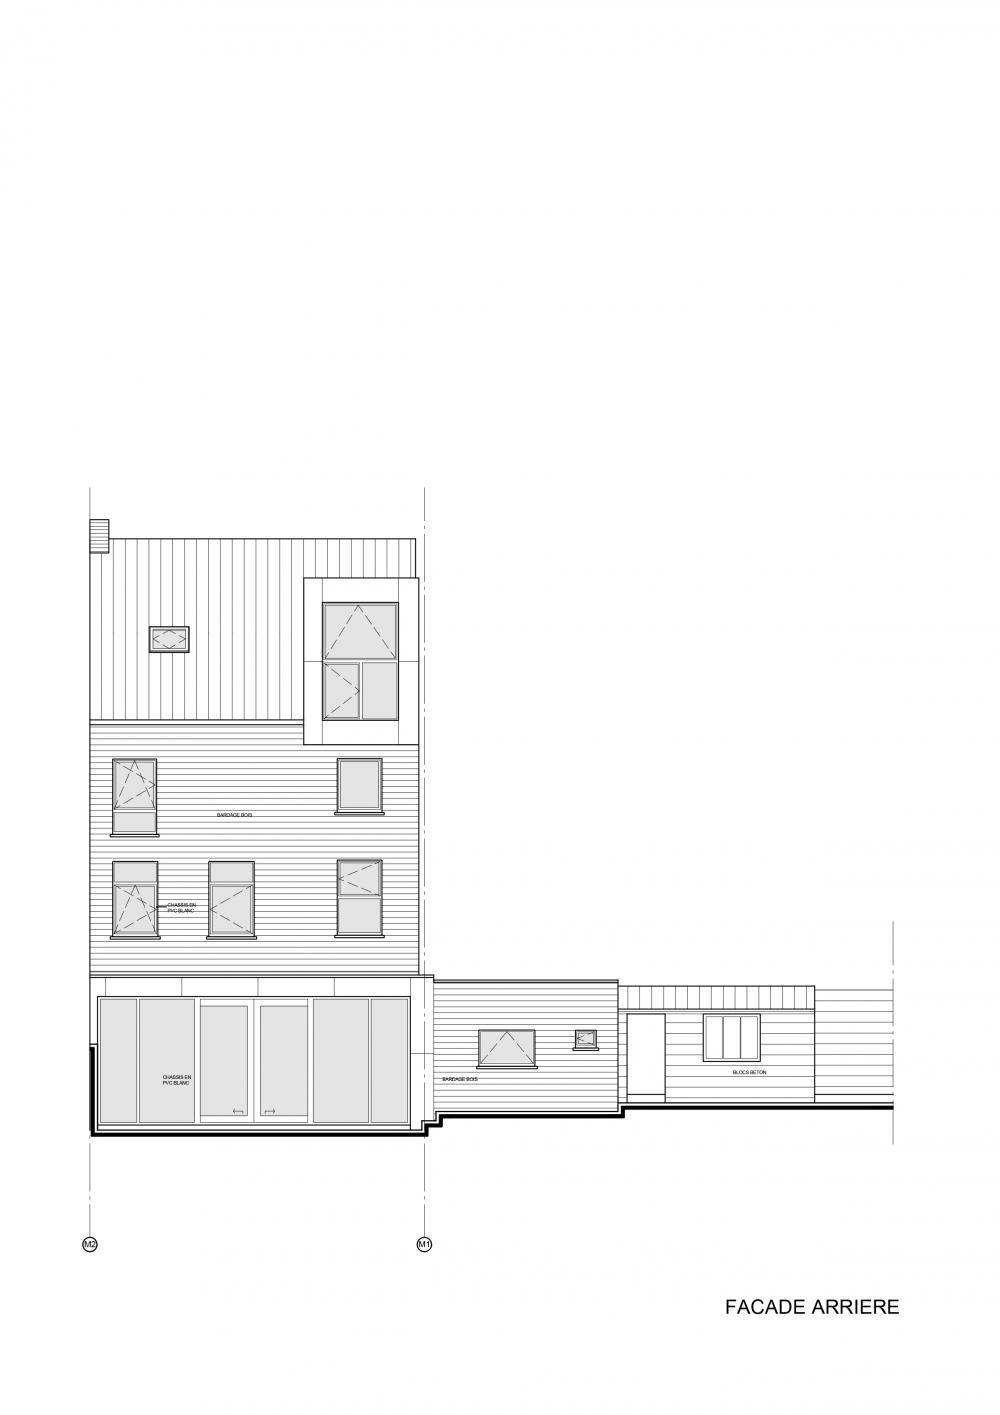 plan de la façade côté jardin